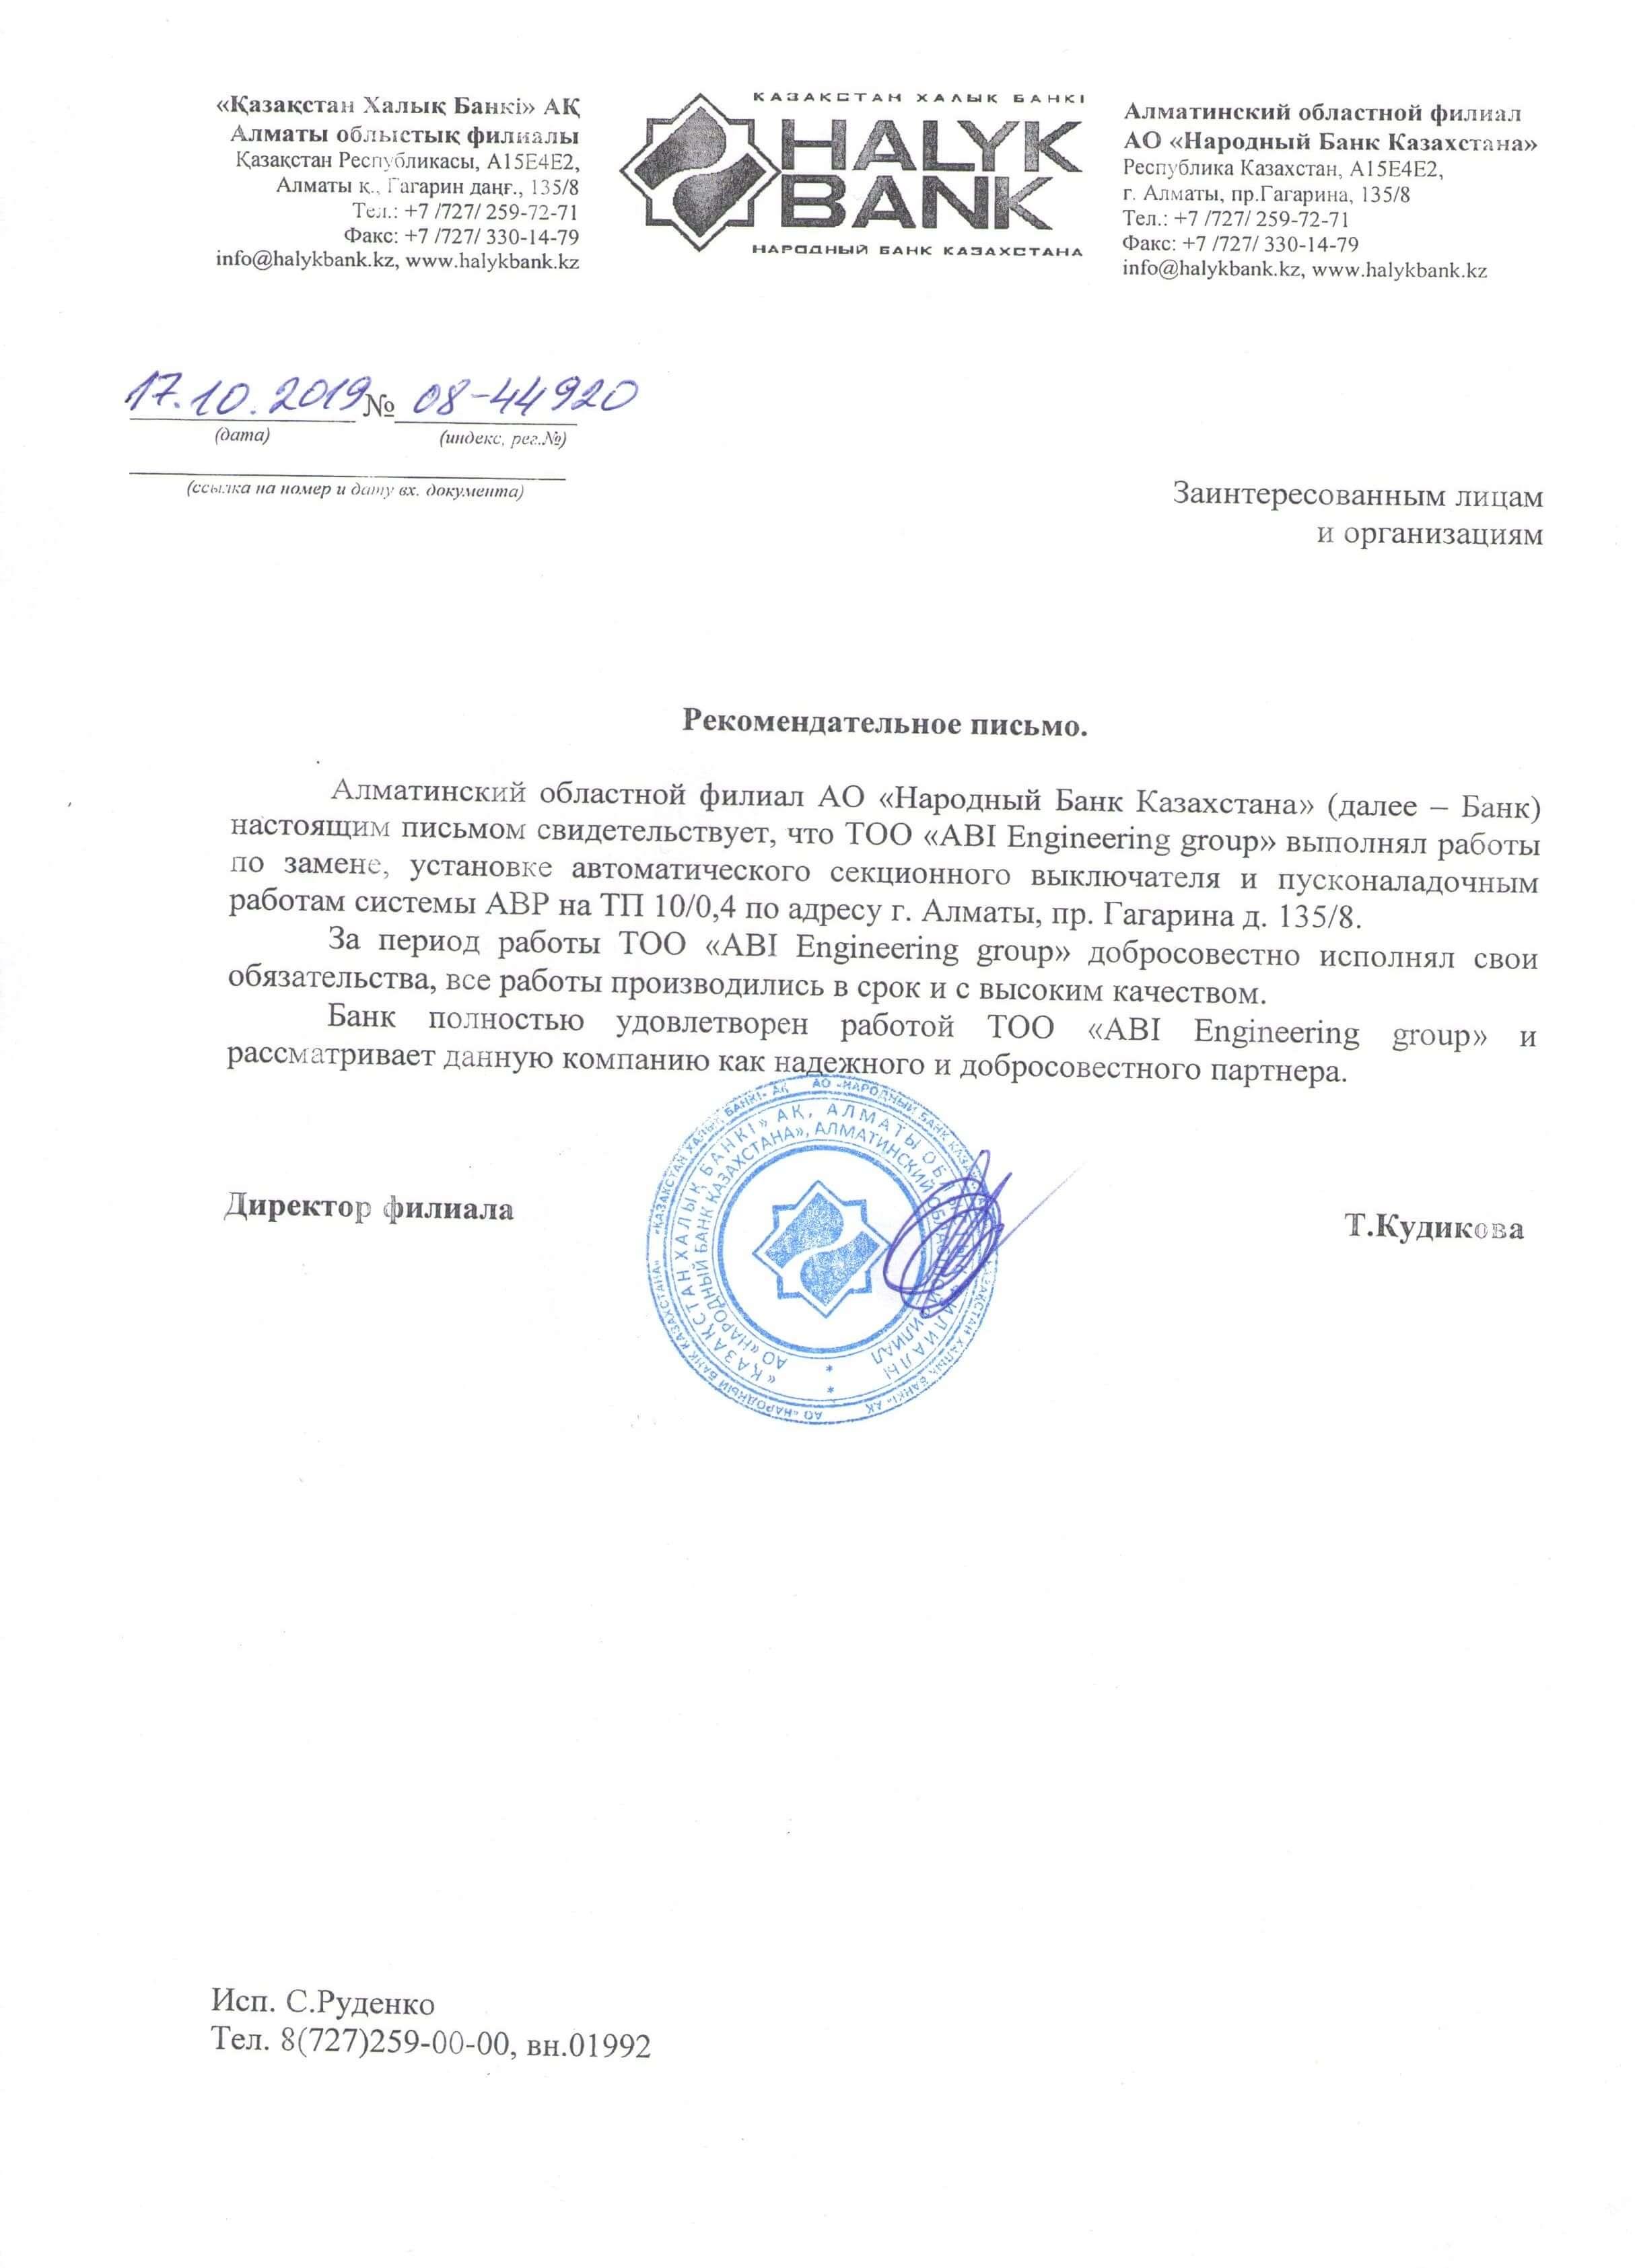 Рекомендательное письмо АО Народный Банк1